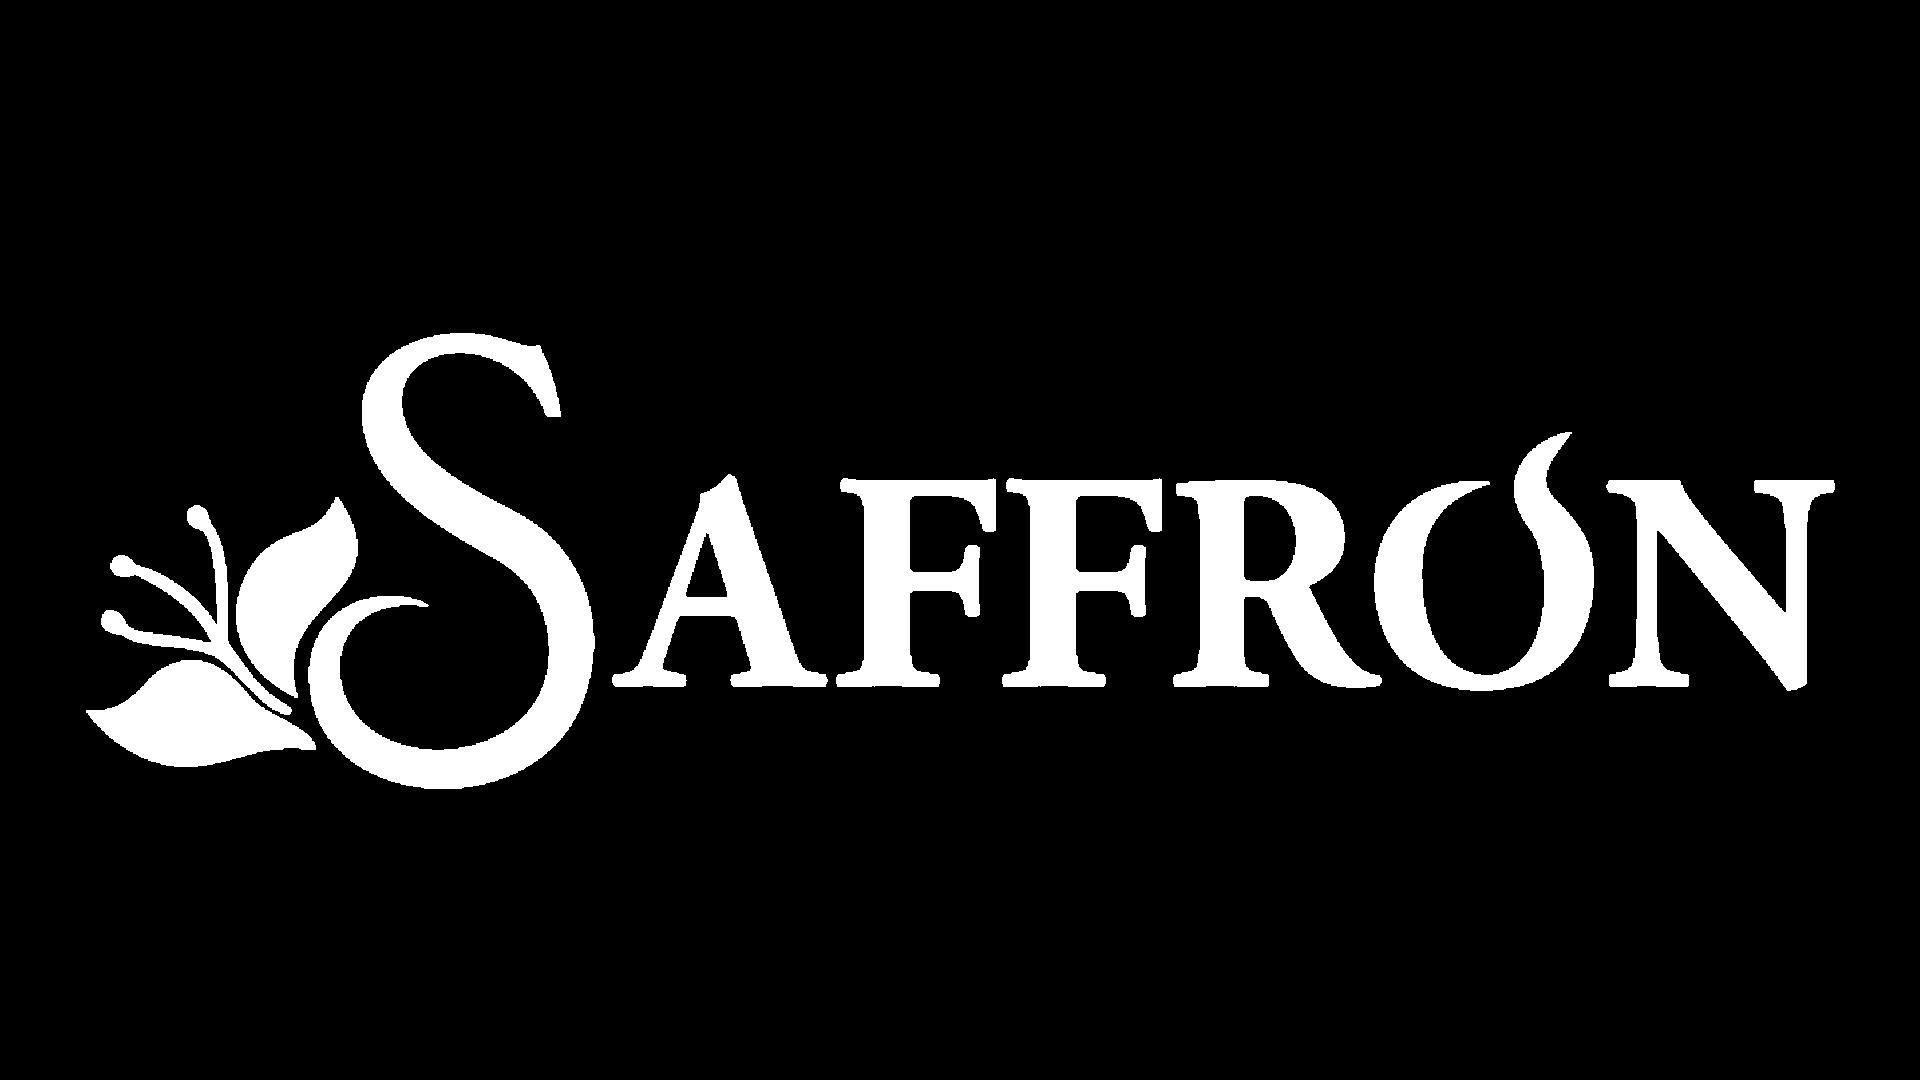 Saffron Kitchen - vendor logo